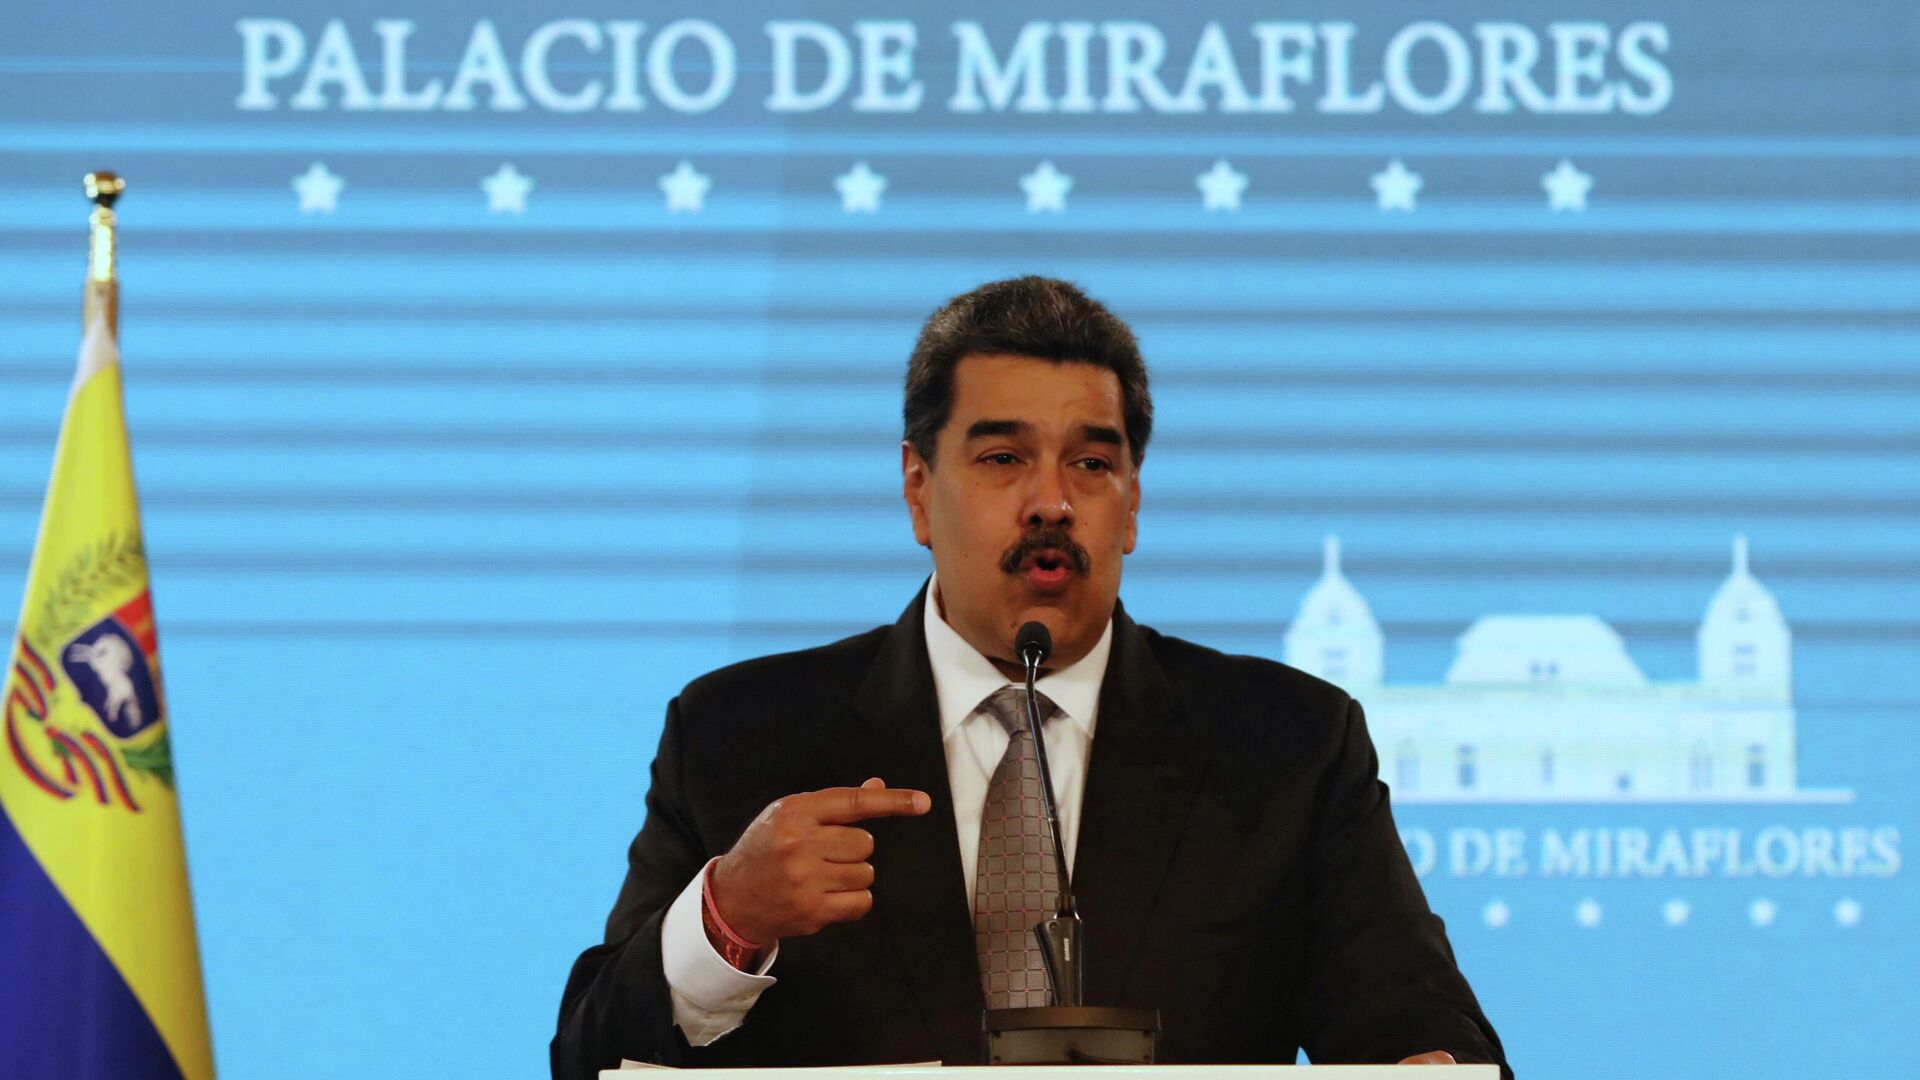 Nicolás Maduro, presidente de Venezuela - Sputnik Mundo, 1920, 20.08.2021